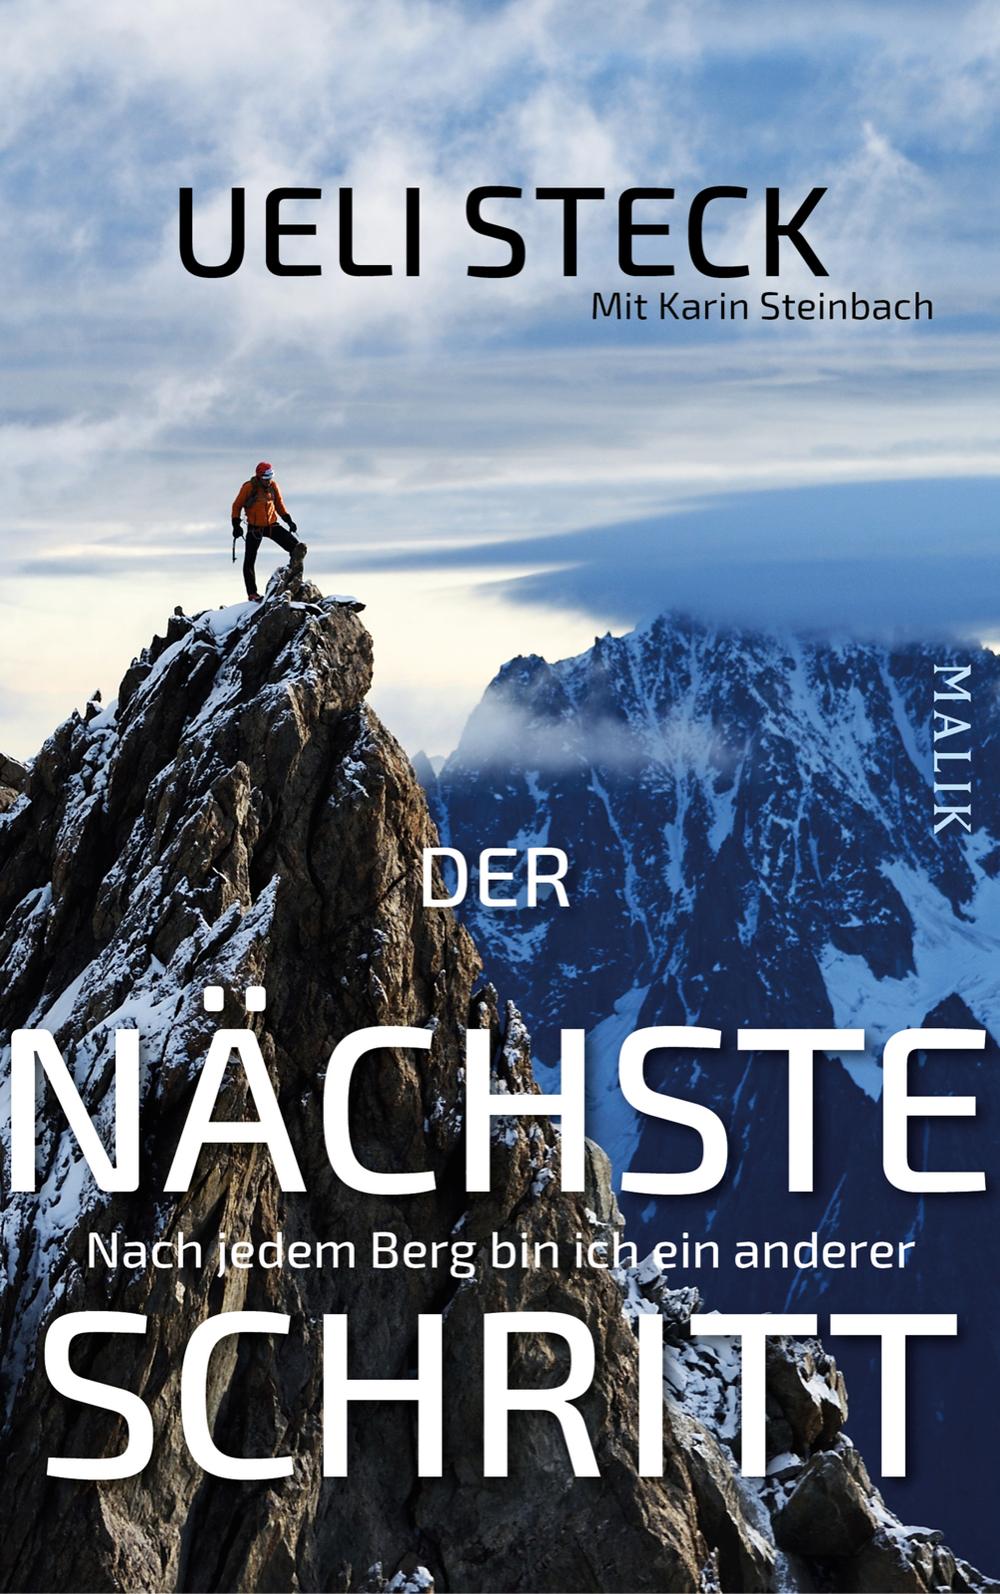 «Der nächste Schritt.  Nach jedem Berg bin ich ein anderer»